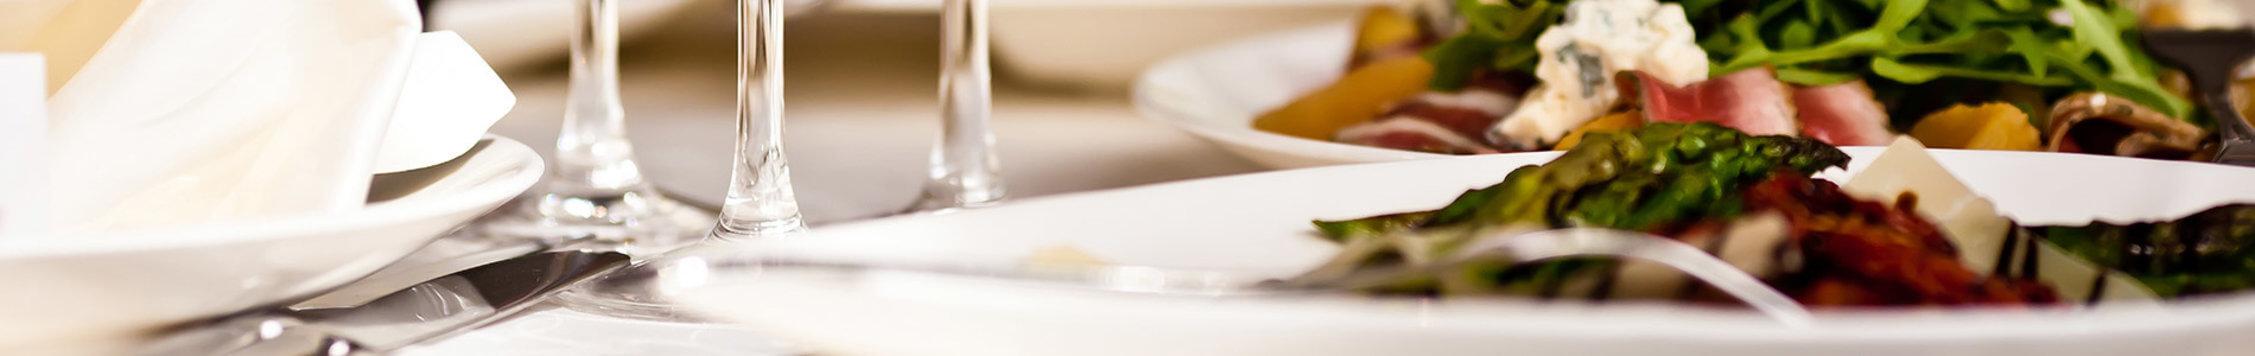 Gezellig samen uit eten dinerbon